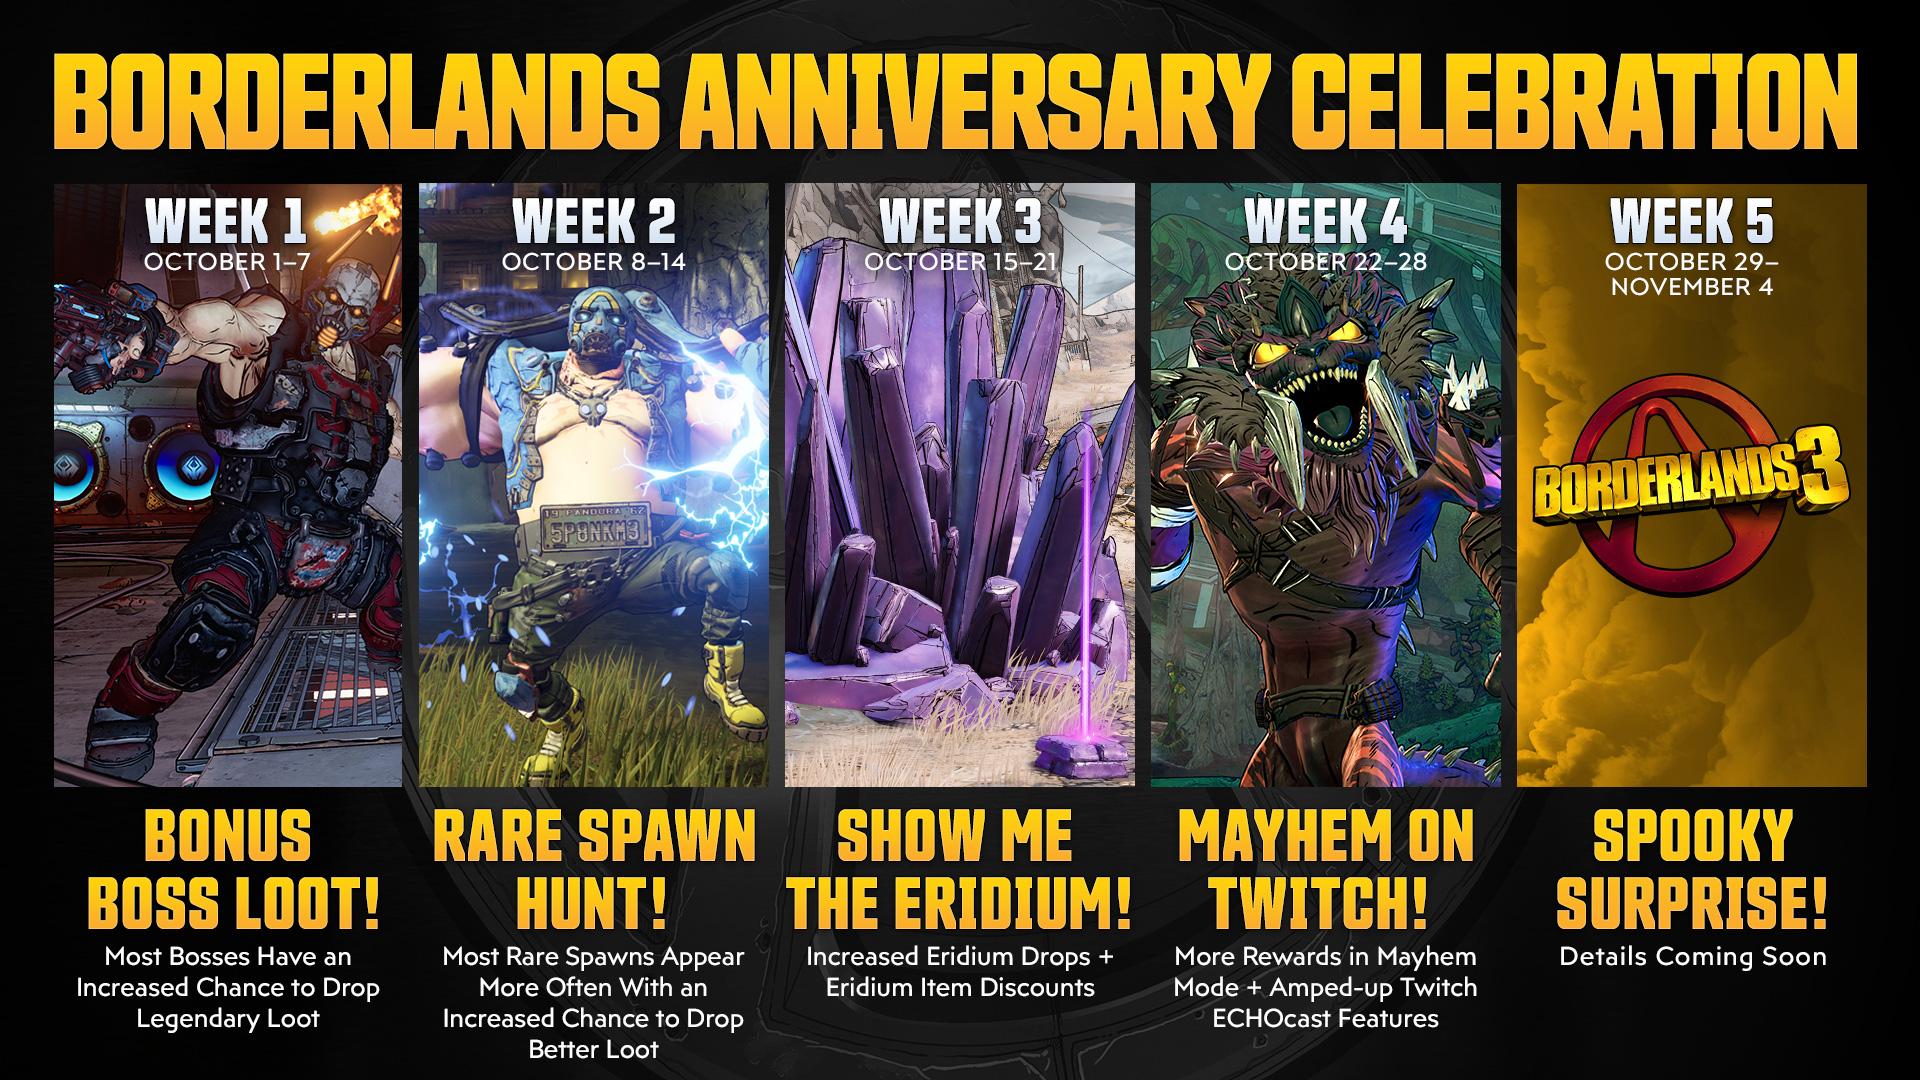 Desata el caos durante una semana con el nuevo evento de Borderlands 3